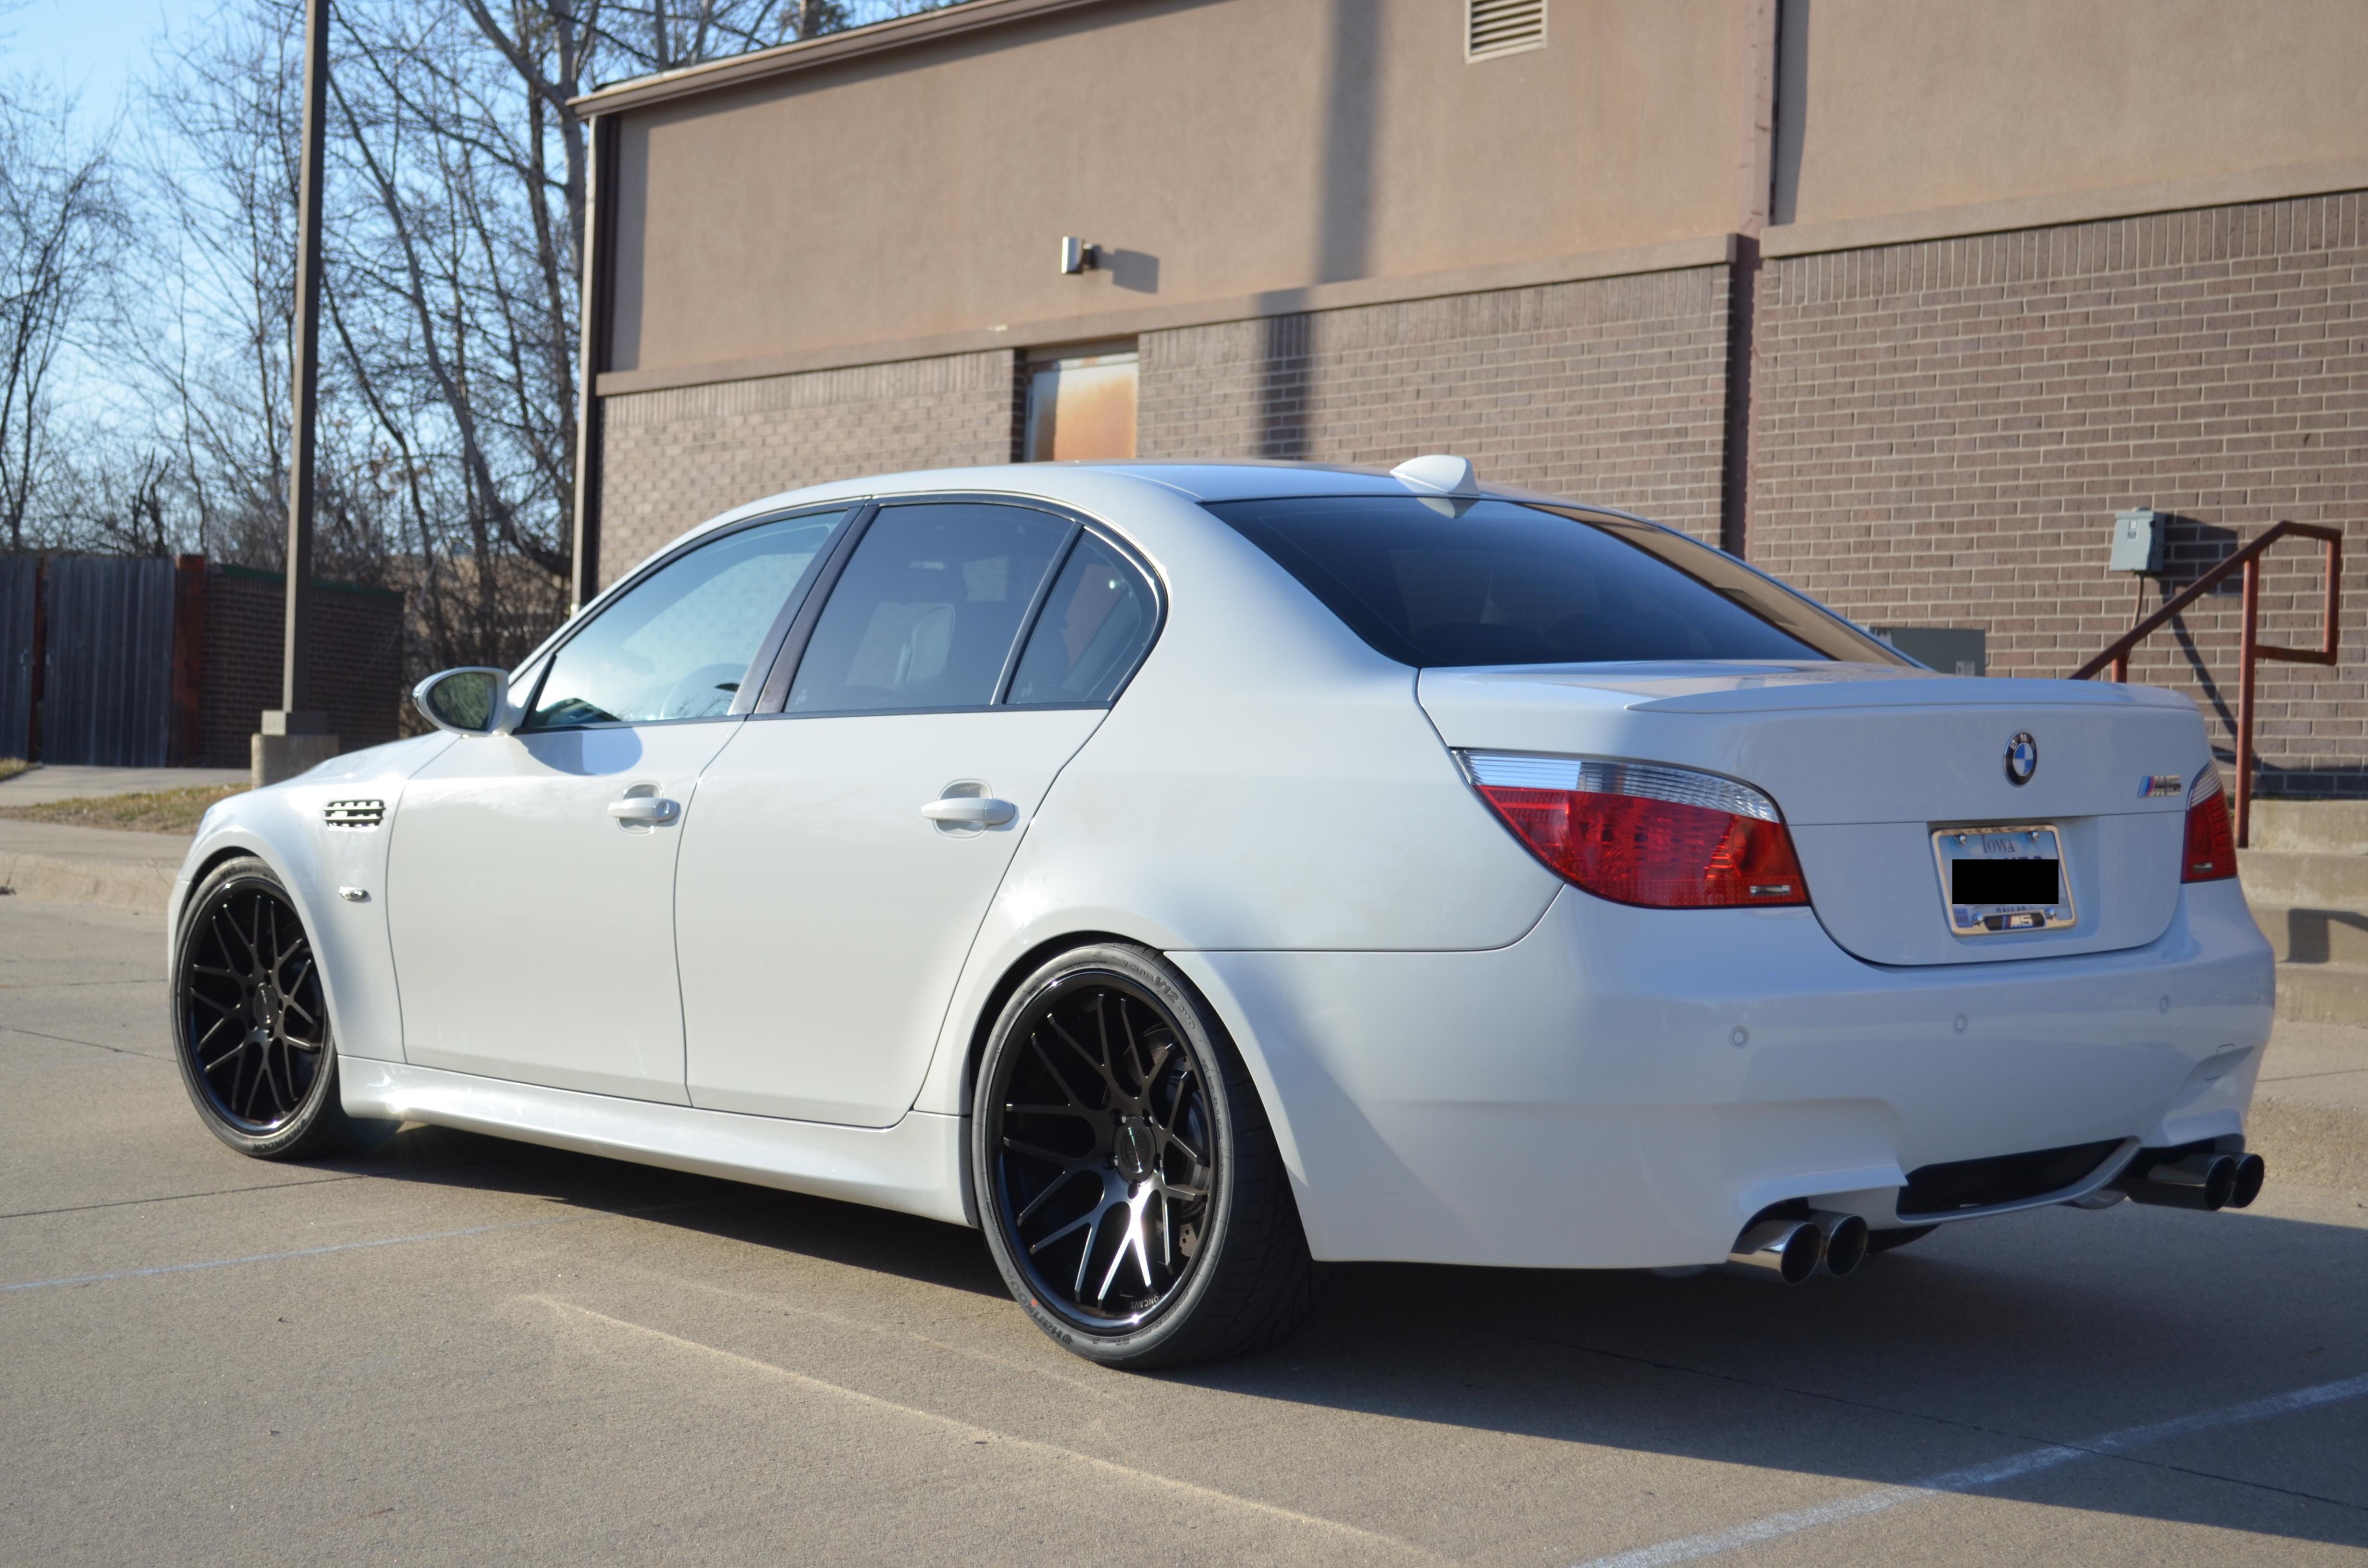 E60 (03-10) For Sale 2006 M5 Alpine White For Sale - BMW M5 Forum ...